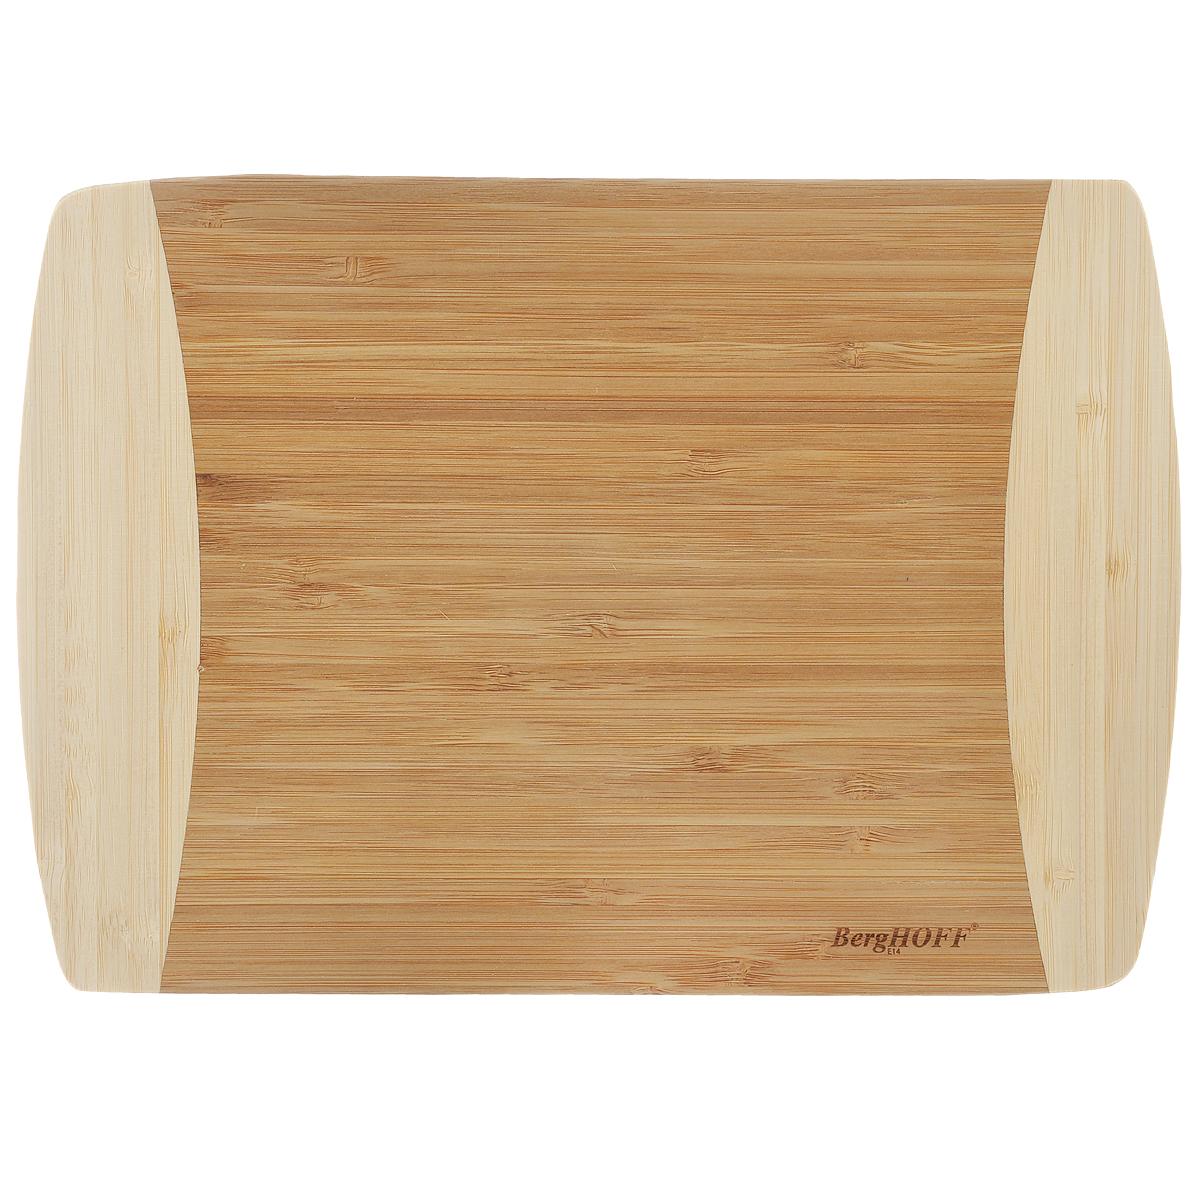 Доска разделочная BergHOFF, 28 х 20 см1101774Прямоугольная разделочная доска BergHOFF изготовлена из бамбука. Бамбук обладает природными антибактериальными свойствами. Доска отличается долговечностью, большой прочностью и высокой плотностью, легко моется, не впитывает запахи и обладает водоотталкивающими свойствами, при длительном использовании не деформируется. Разделочная доска BergHOFF отлично подойдет для приготовления и сервировки пищи. Нельзя мыть в посудомоечной машине.